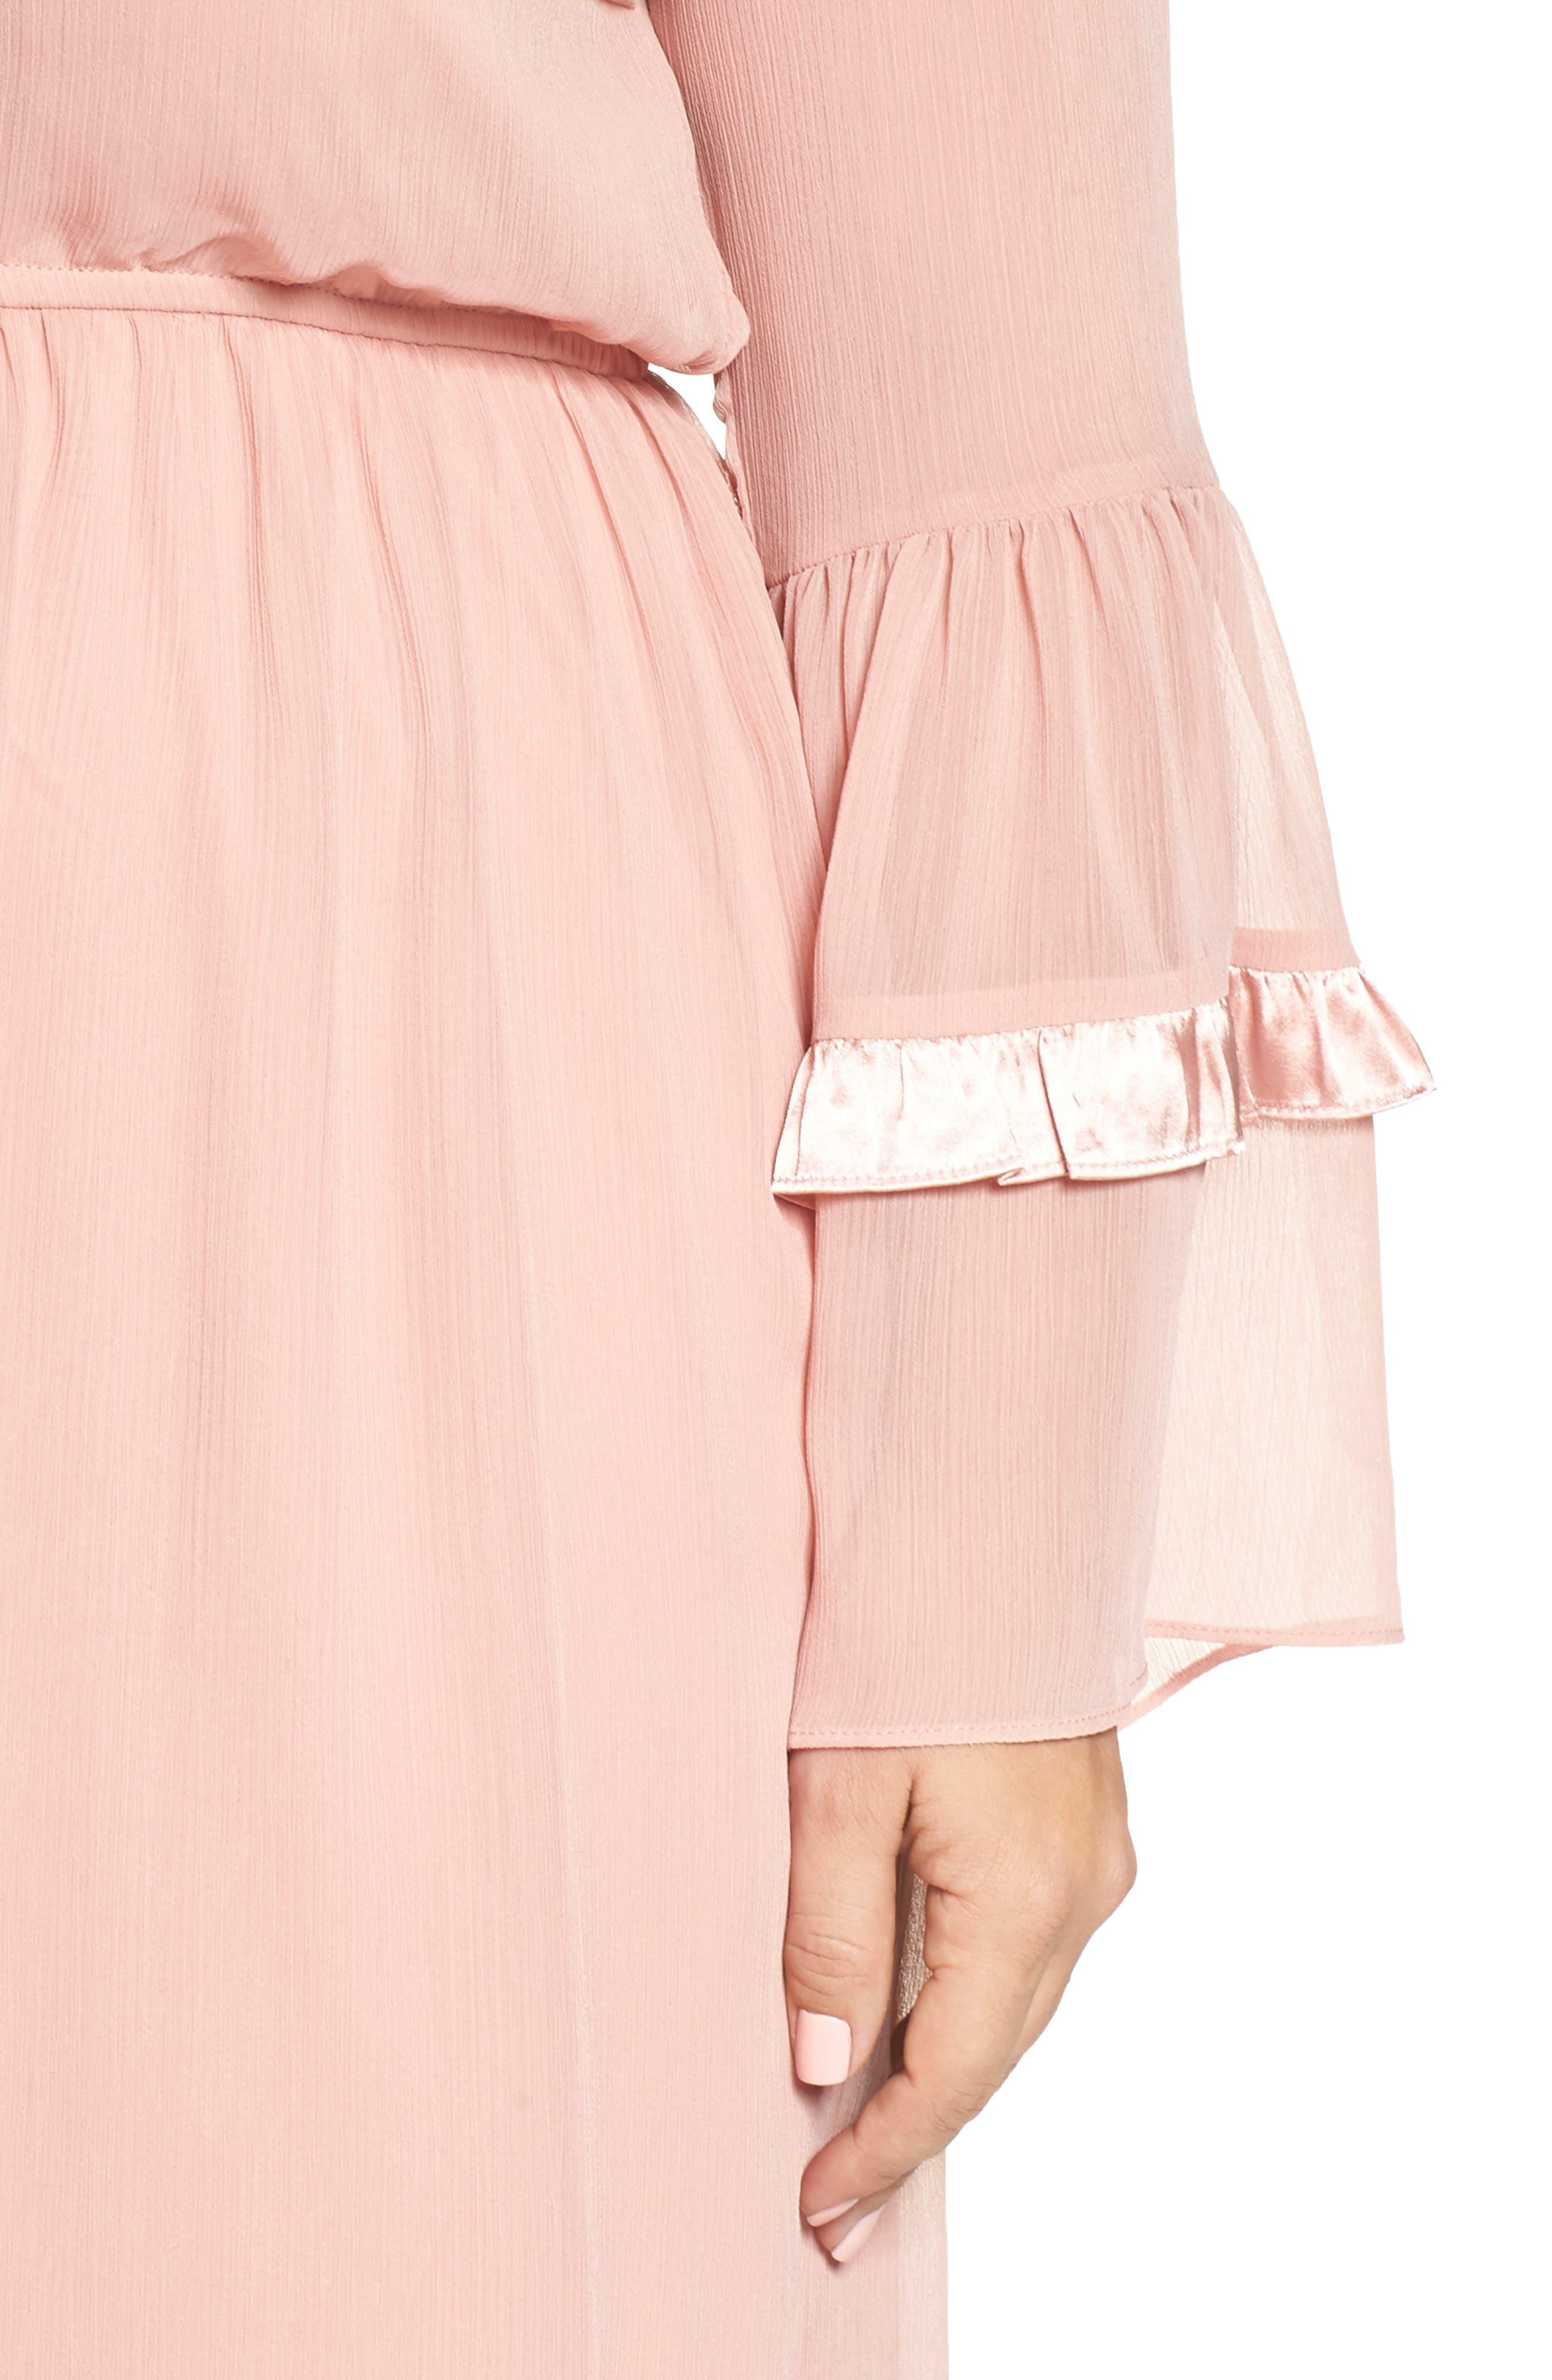 Satin Trim Crinkle Dress,                             Alternate thumbnail 4, color,                             Blush